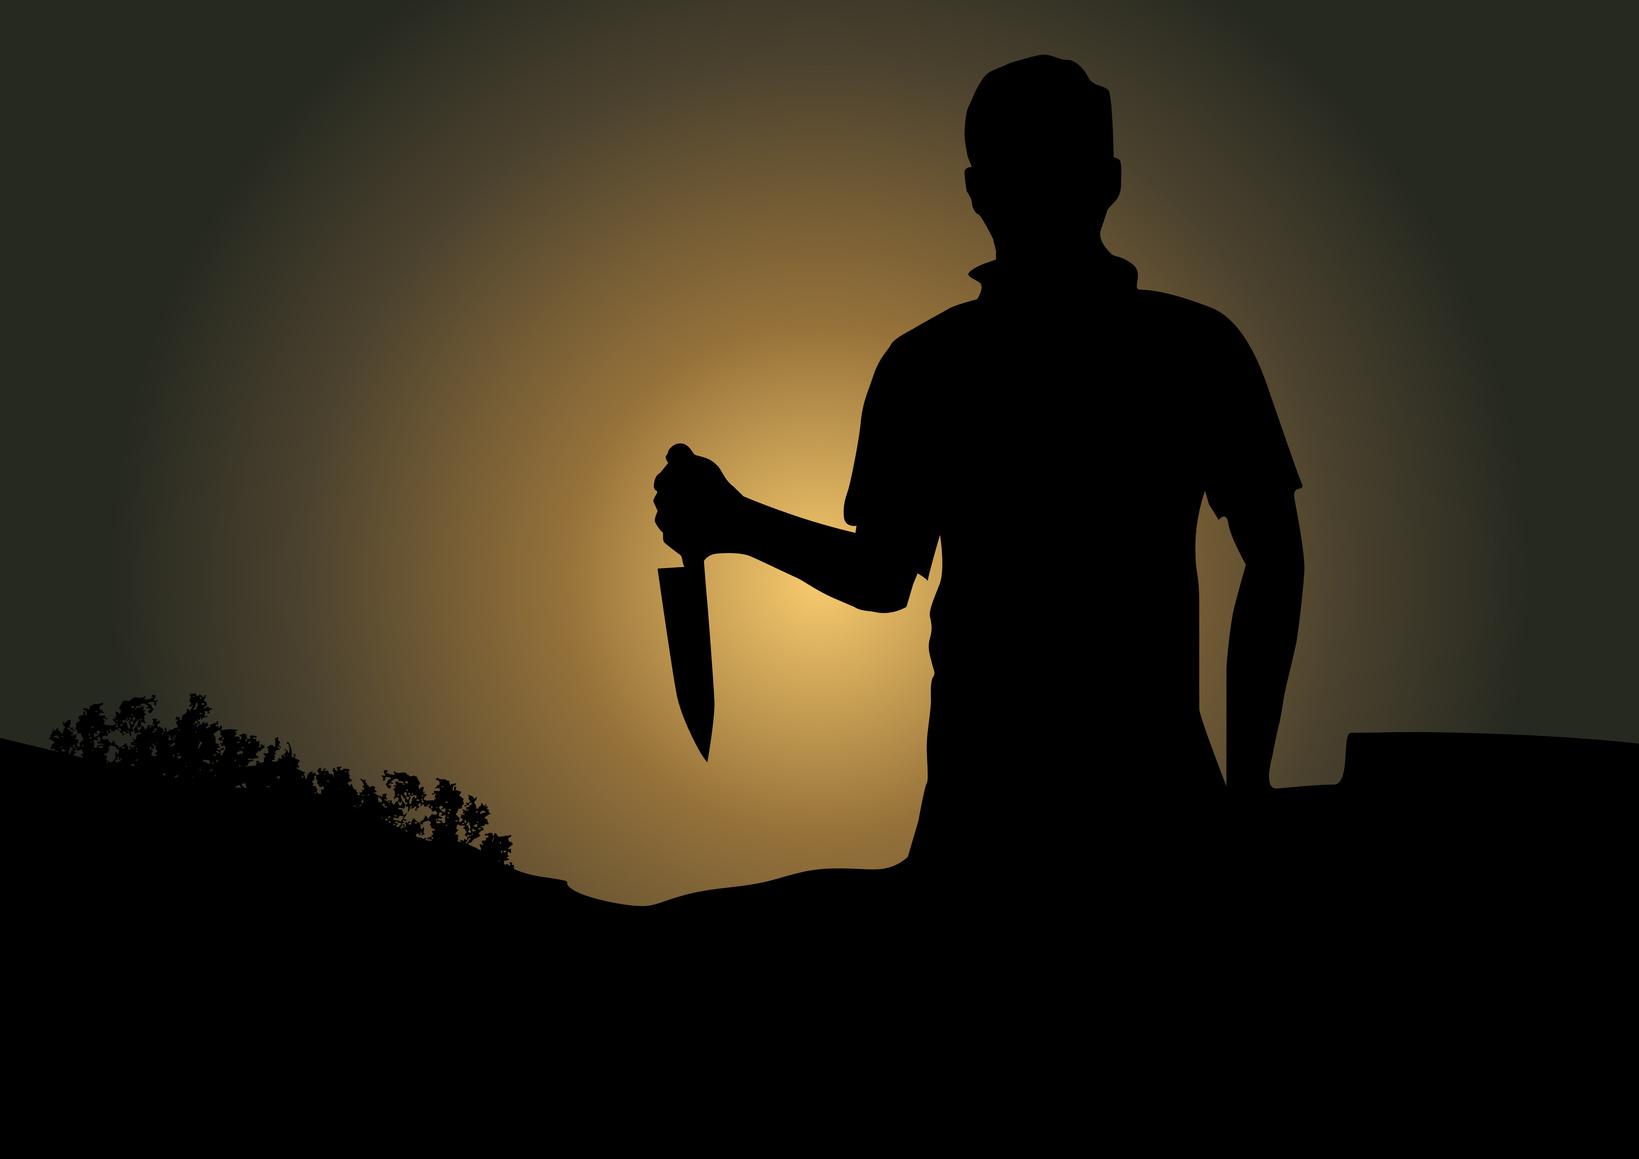 Mehre Frauen getötet Aufzeichnungen enthüllen Gefühlswelt des mutmaßlichen Serienmörders